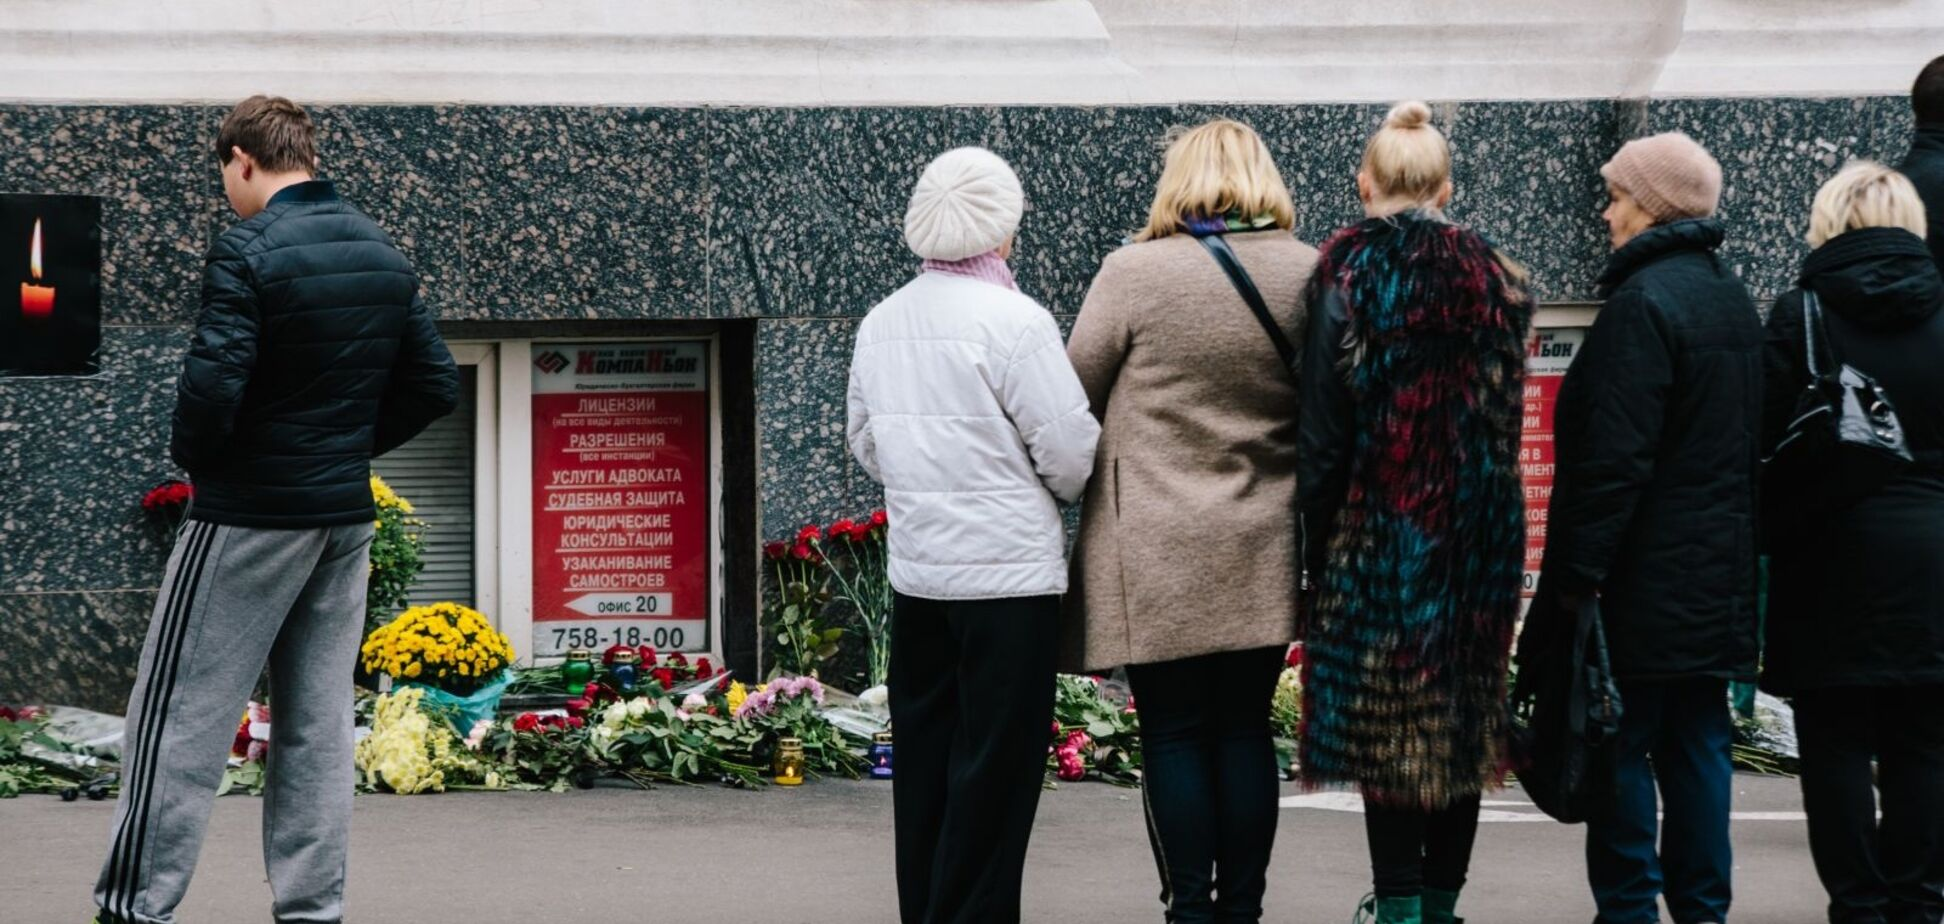 ДТП с Зайцевой в Харькове: о втором виновнике трагедии раскопали неизвестные факты